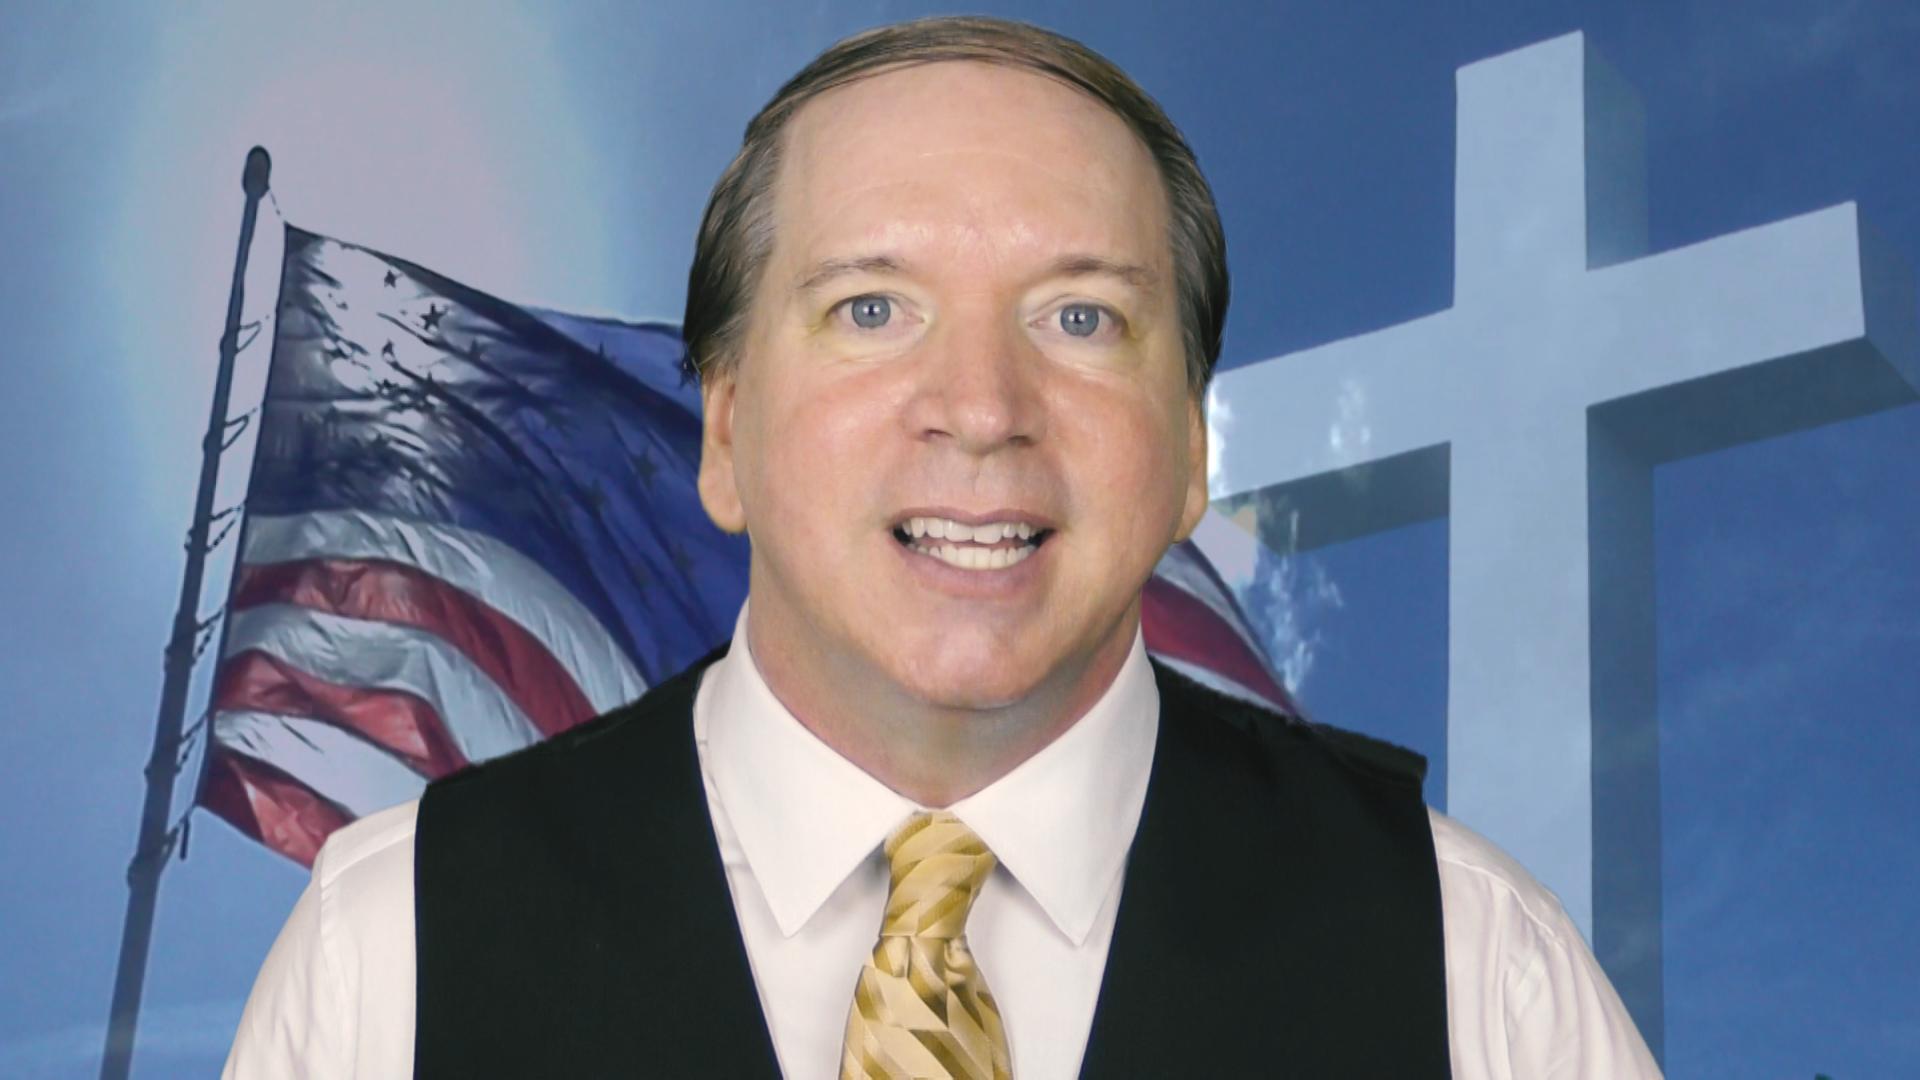 Rev Steven Andrew